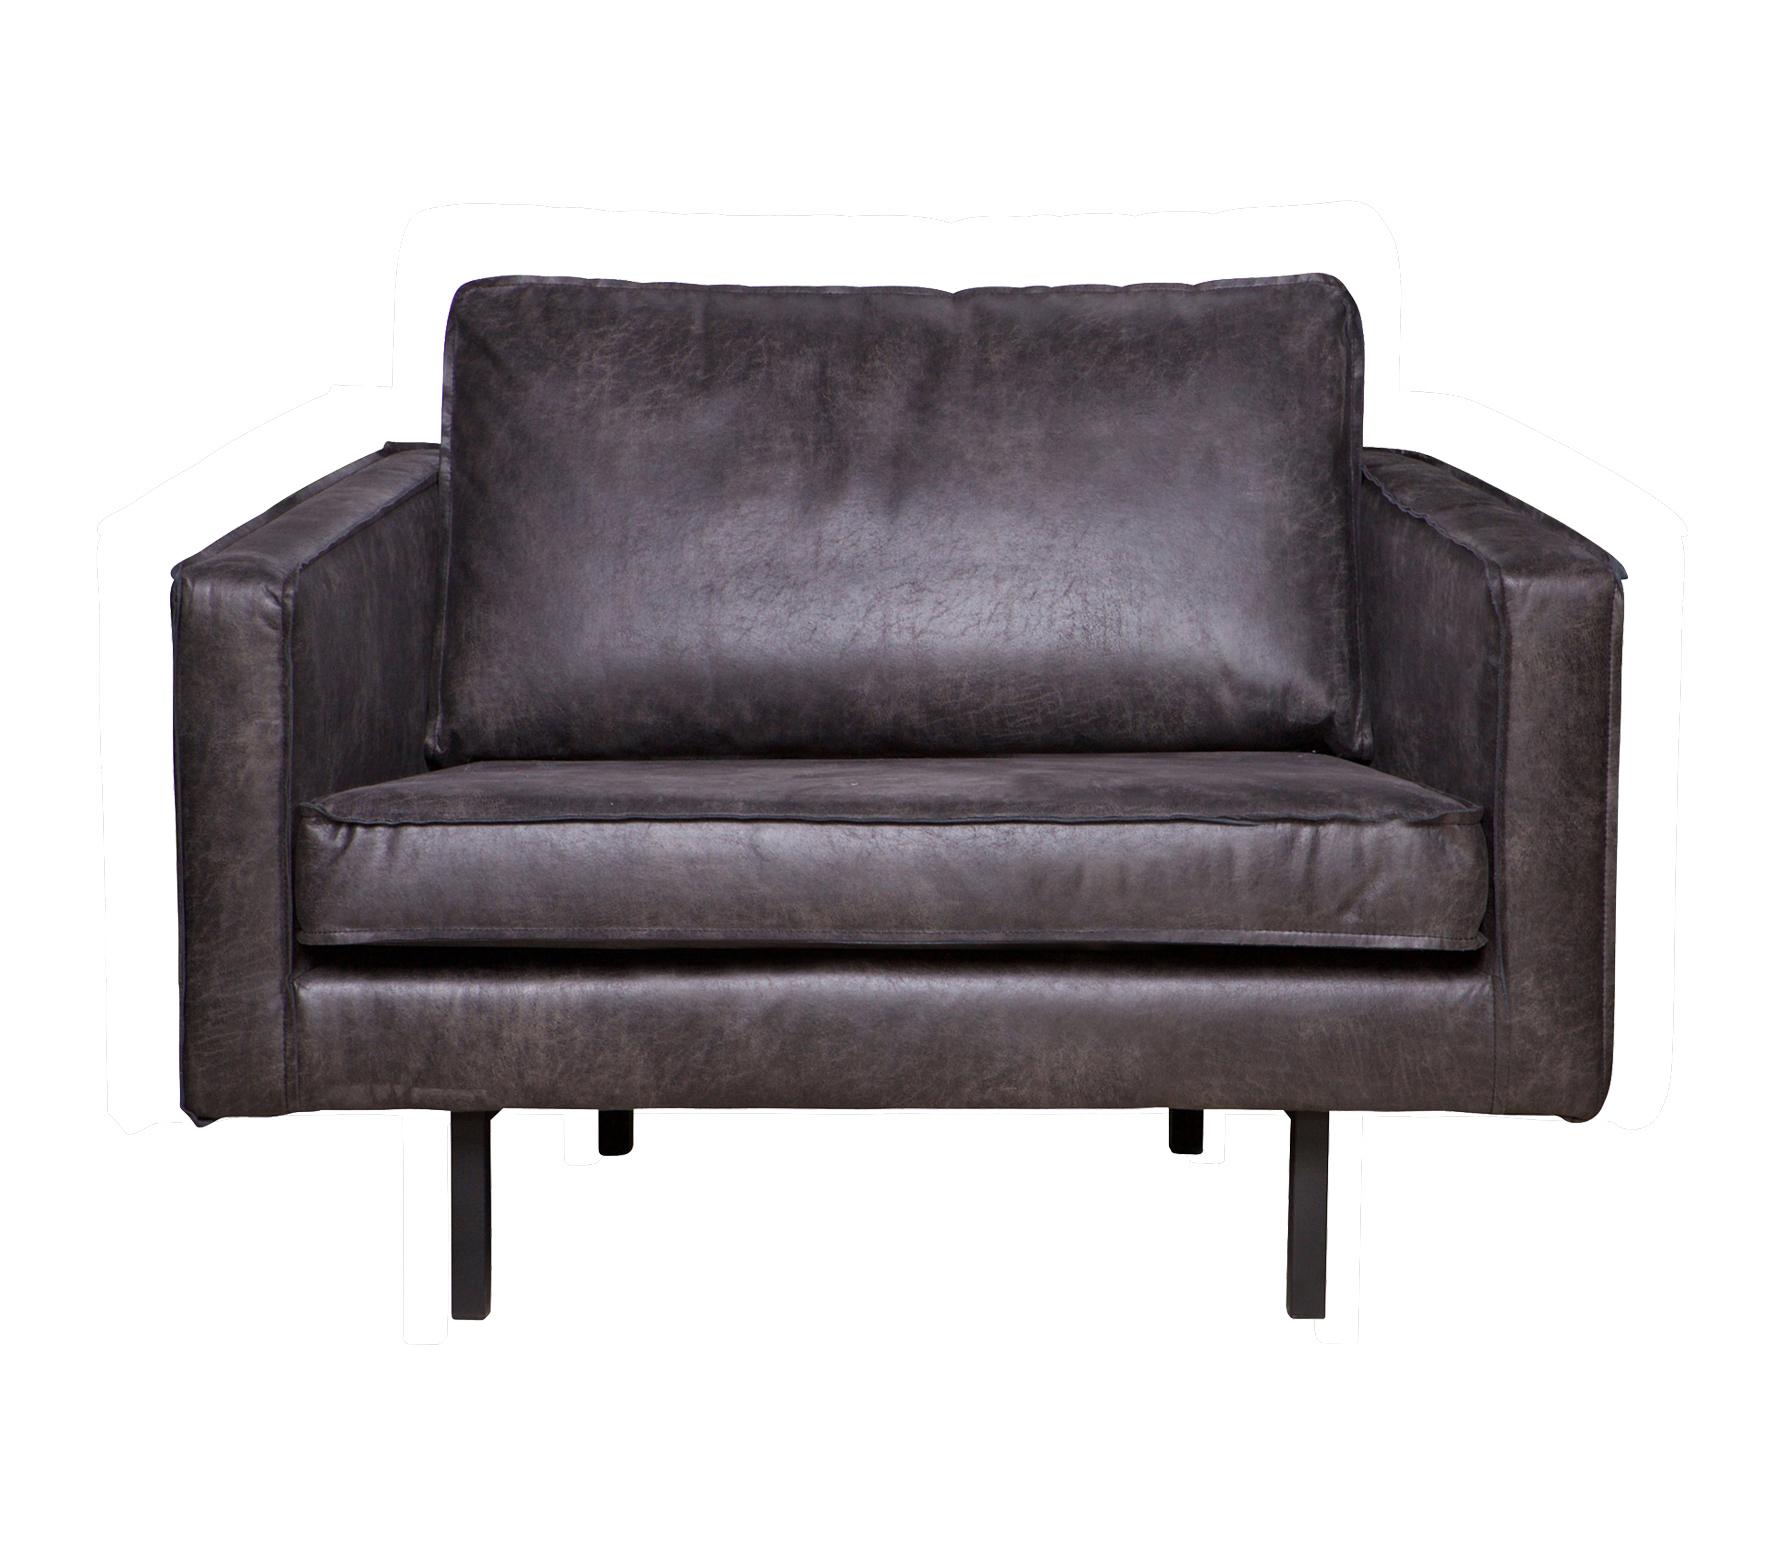 BePureHome Rodeo loveseat 1,5-zits fauteuil zwart recycle leer Zwart